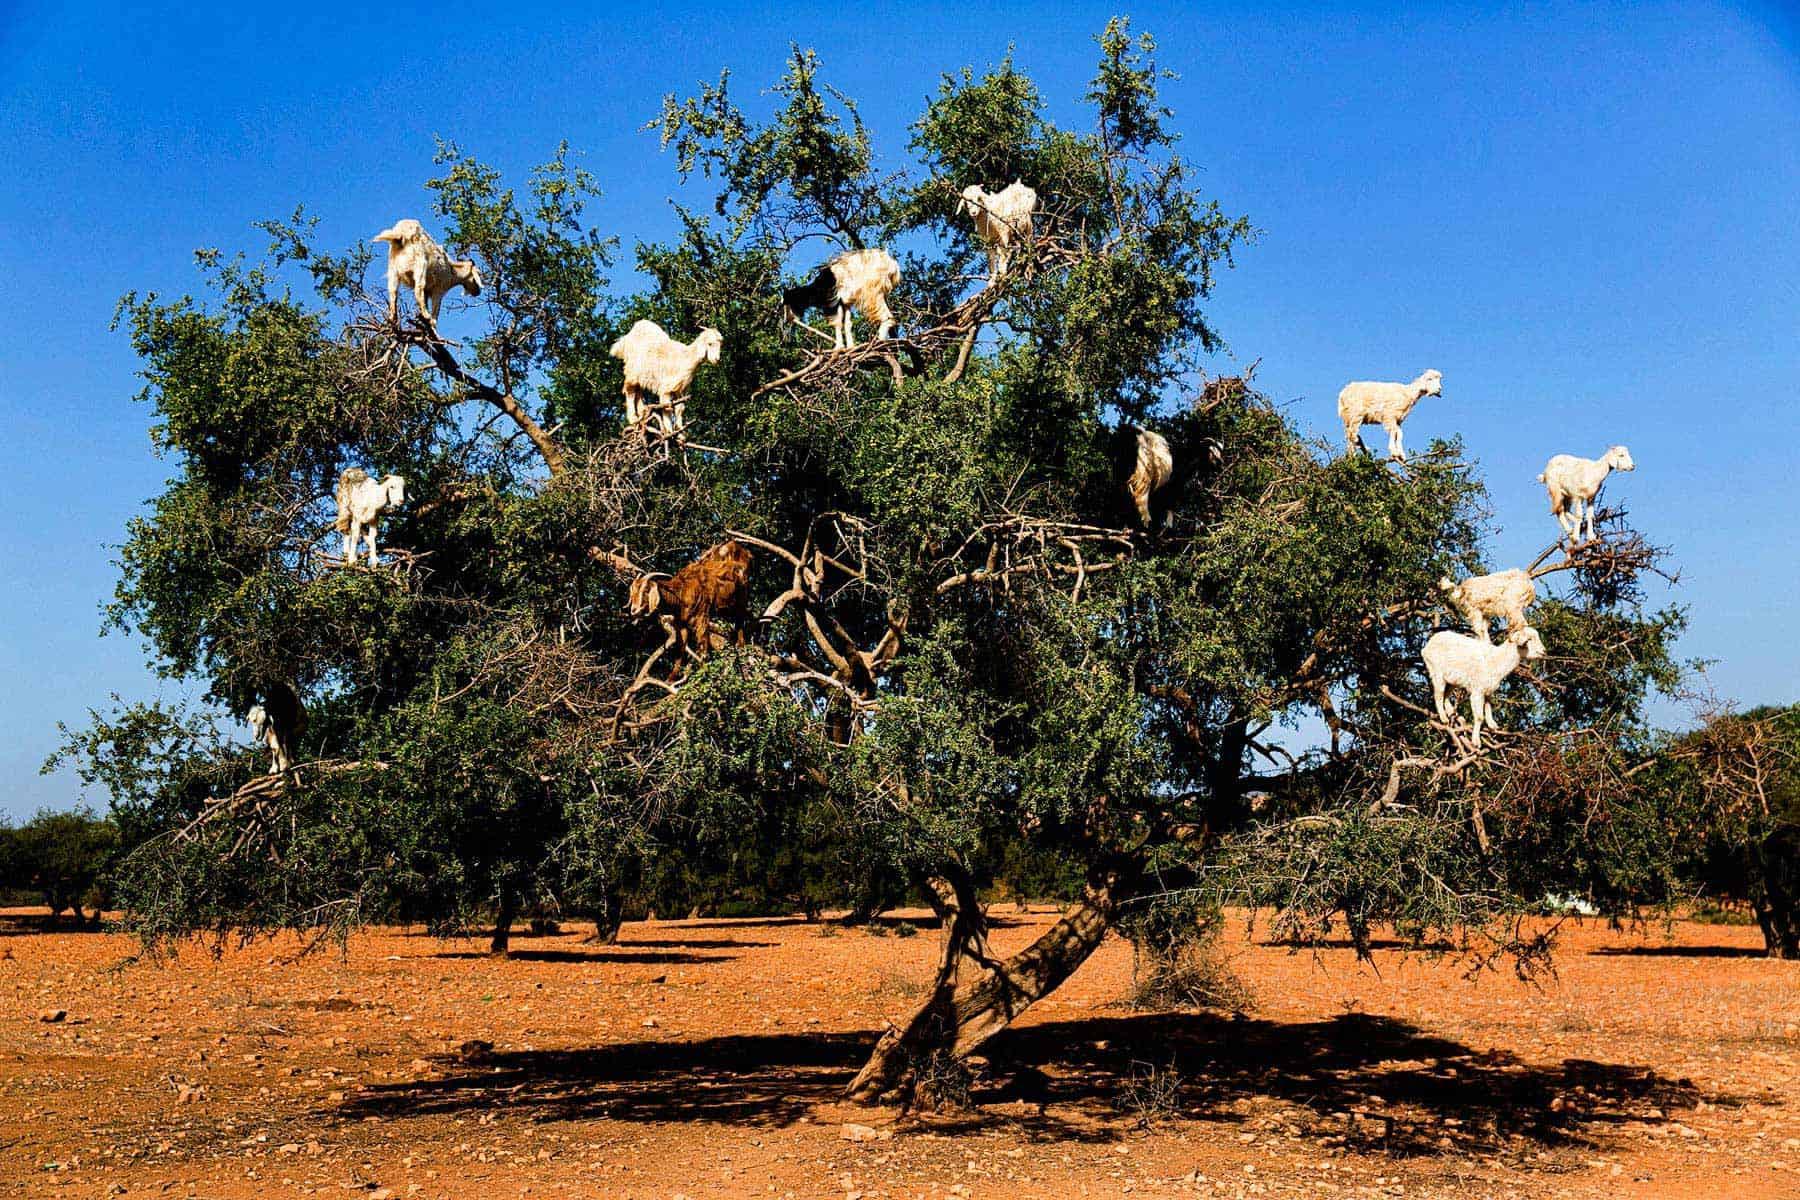 Goats on the tree Essaouira